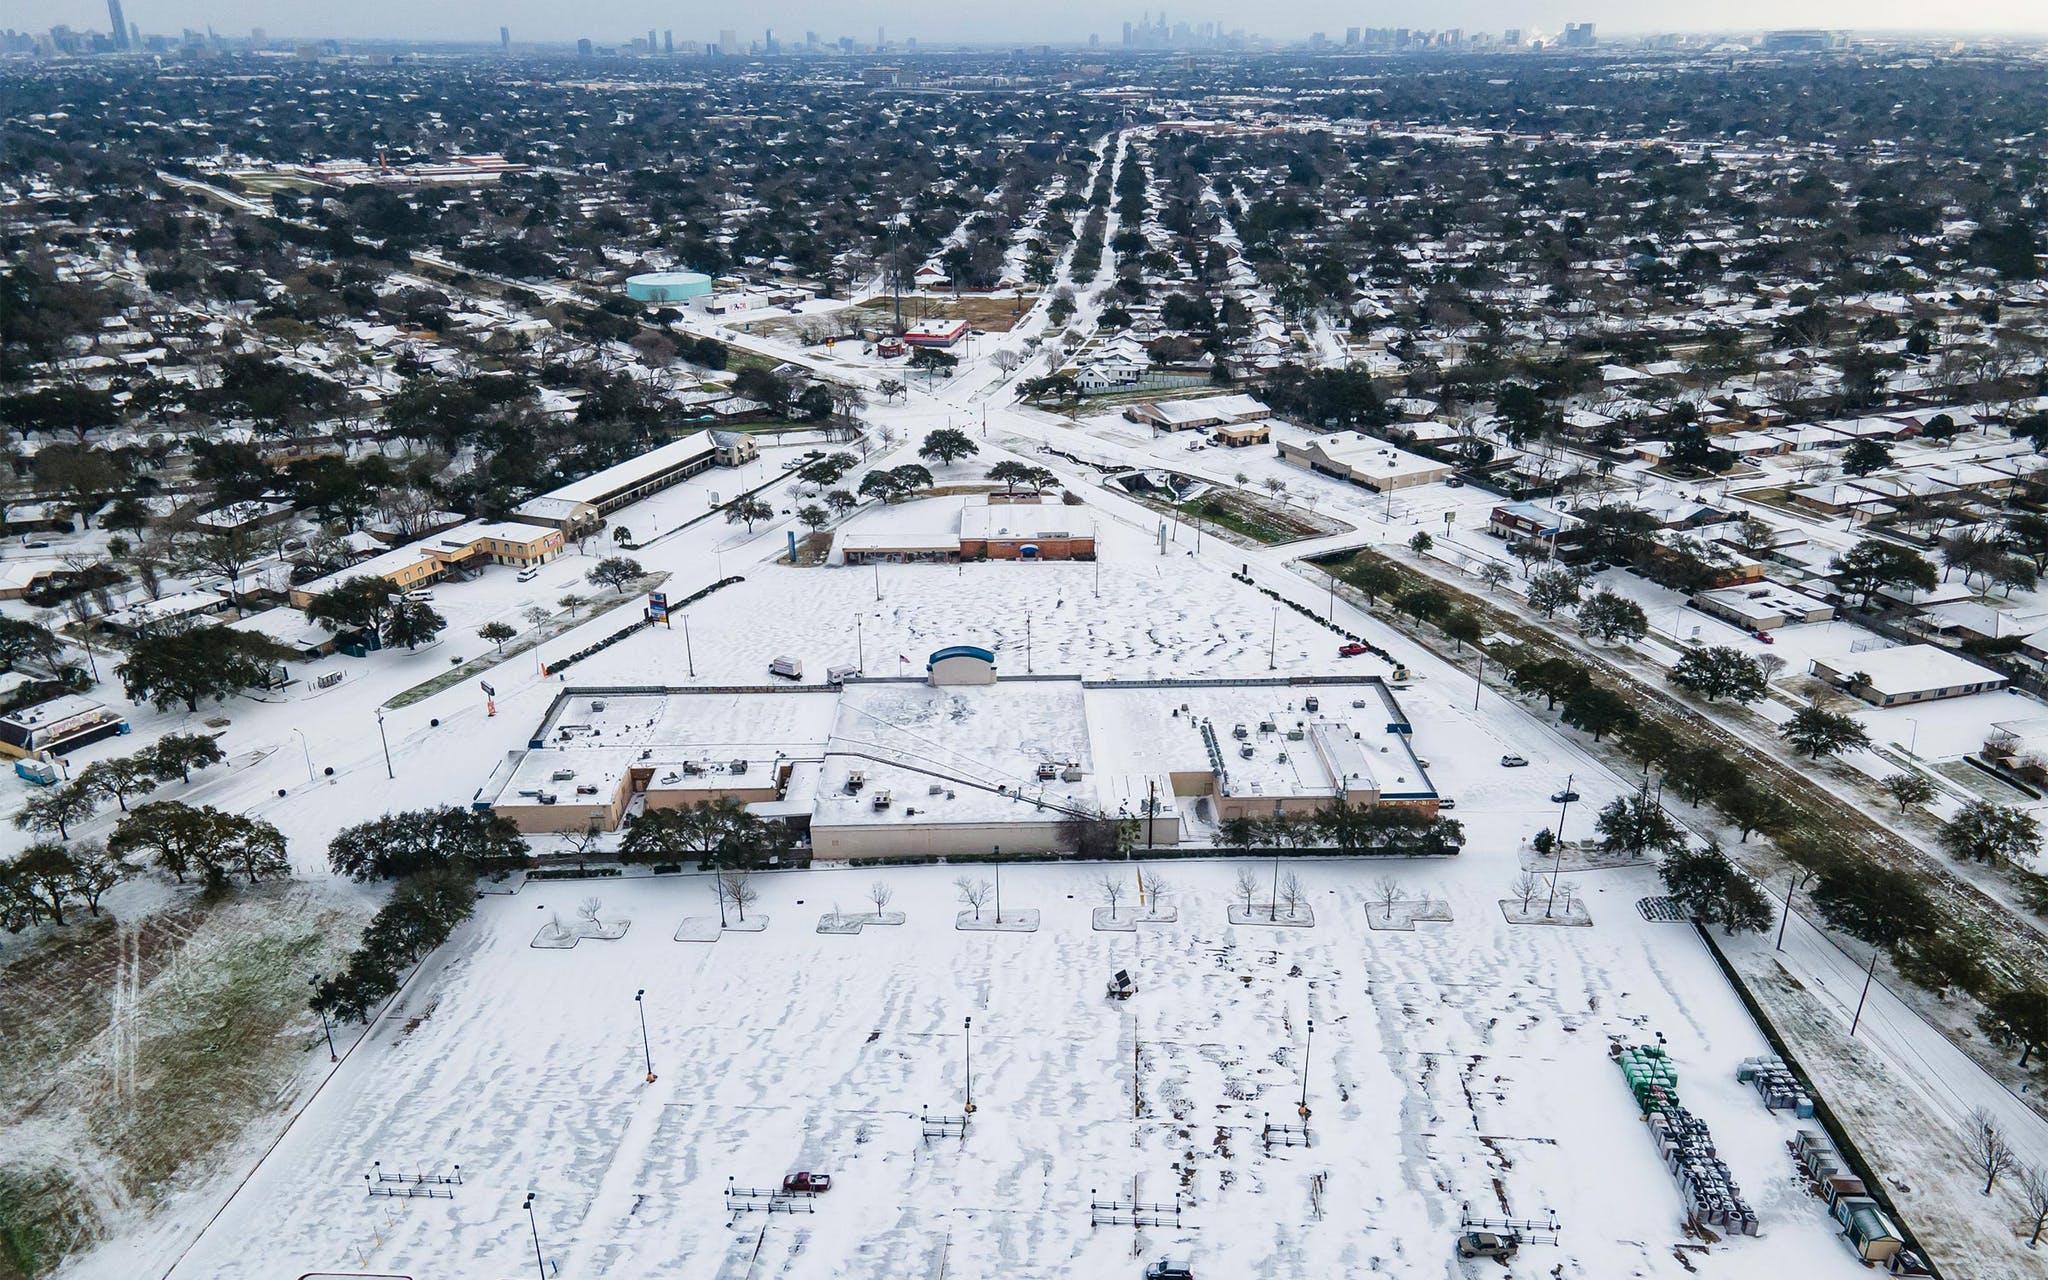 Thành phố Houston, bang Texas bao phủ trong tuyết sau trận bão bất thường tháng 2 năm nay. Ảnh: Texas Monthly